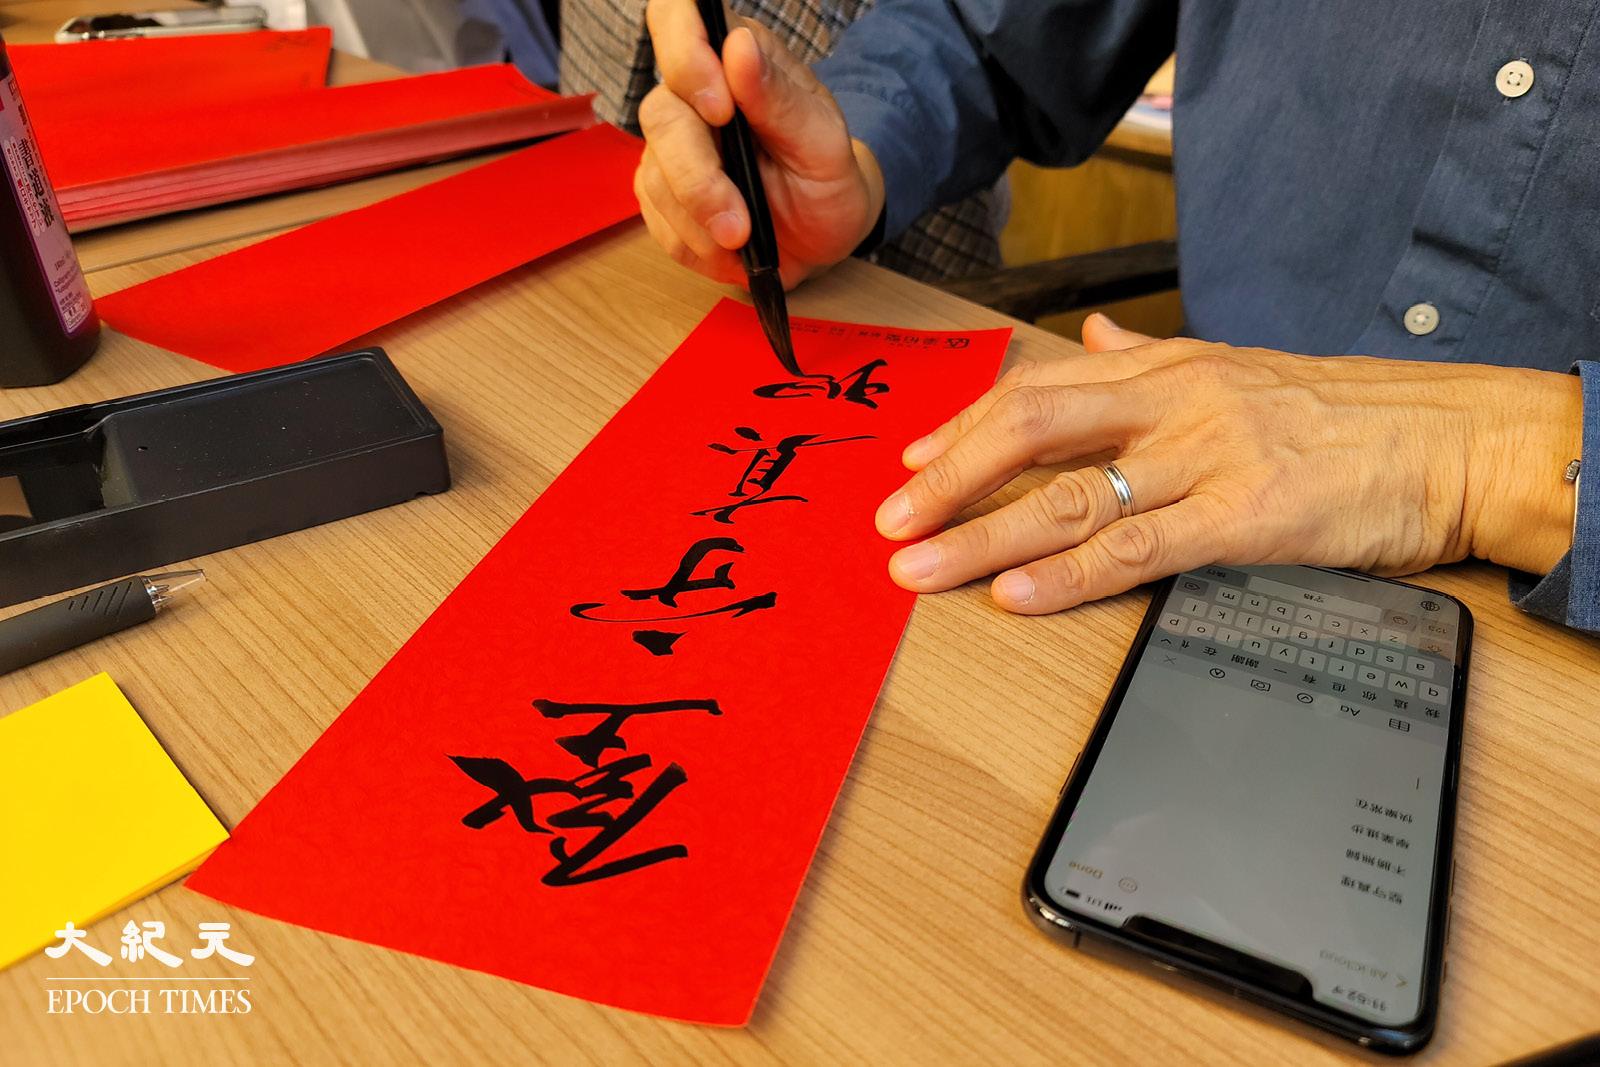 陳健民正在寫「堅守真理」。(宵龍/大紀元)